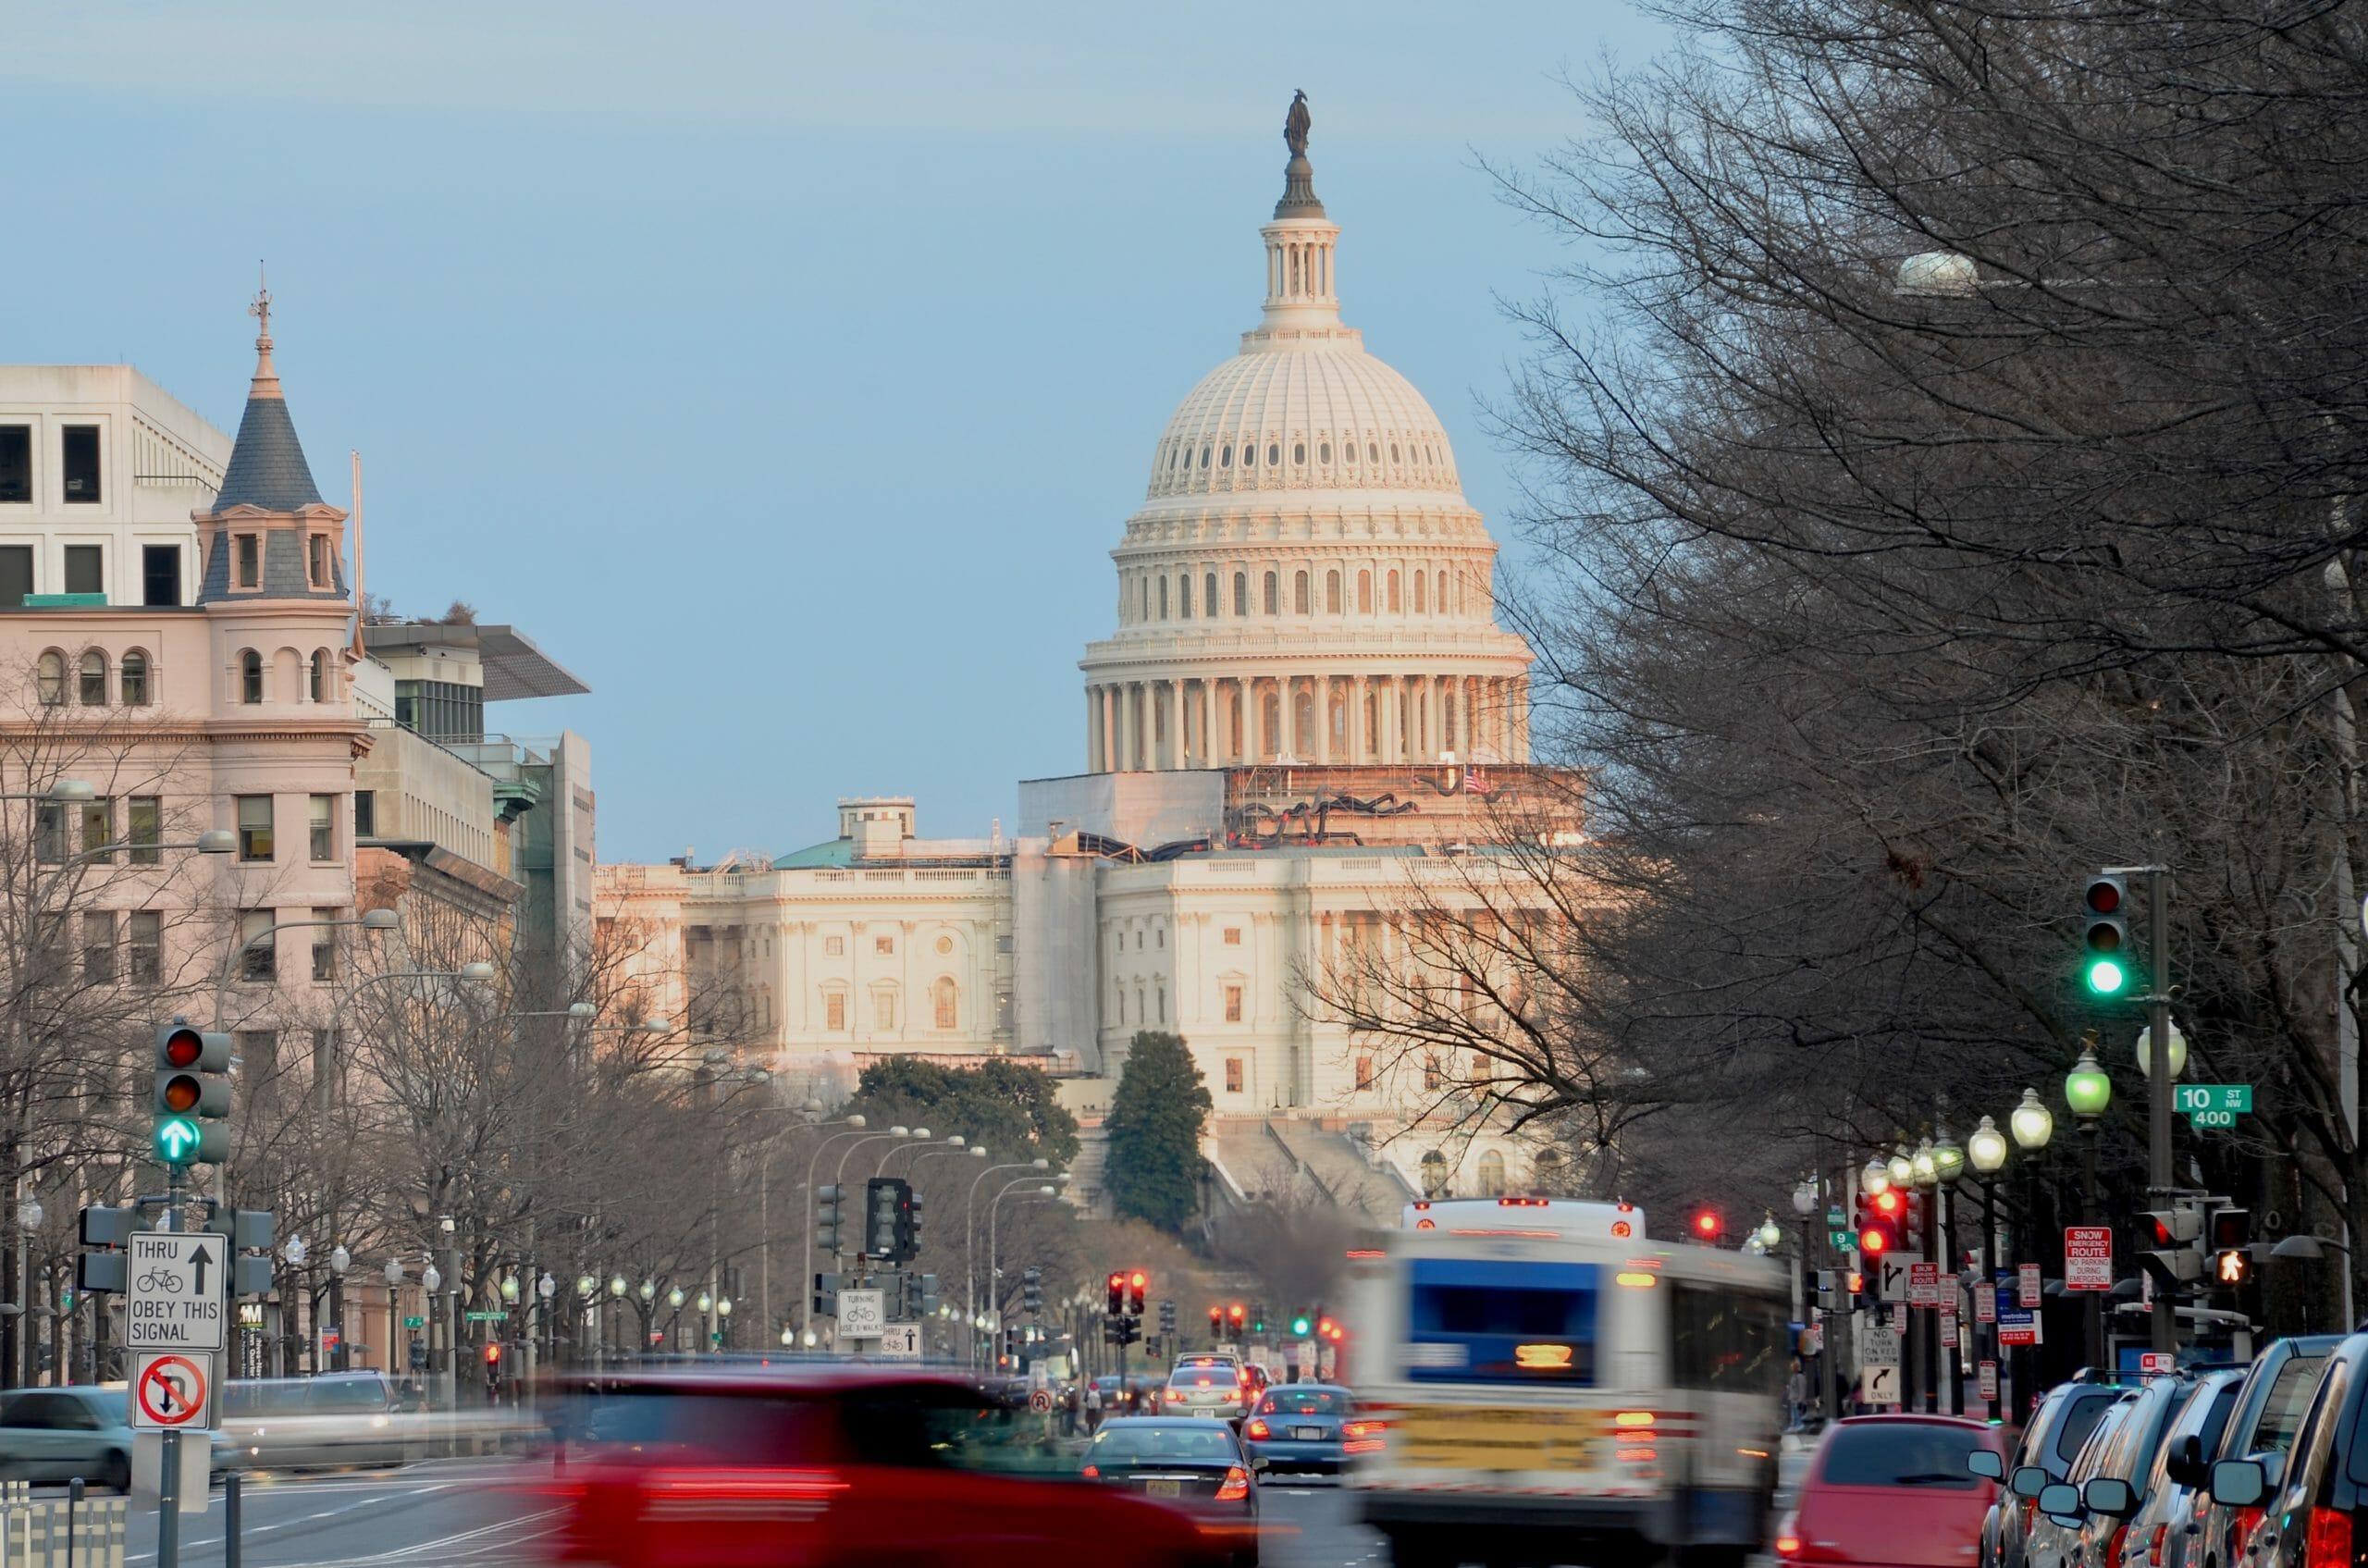 Trump beordrer USA til kun at bygge smukke bygninger fremover